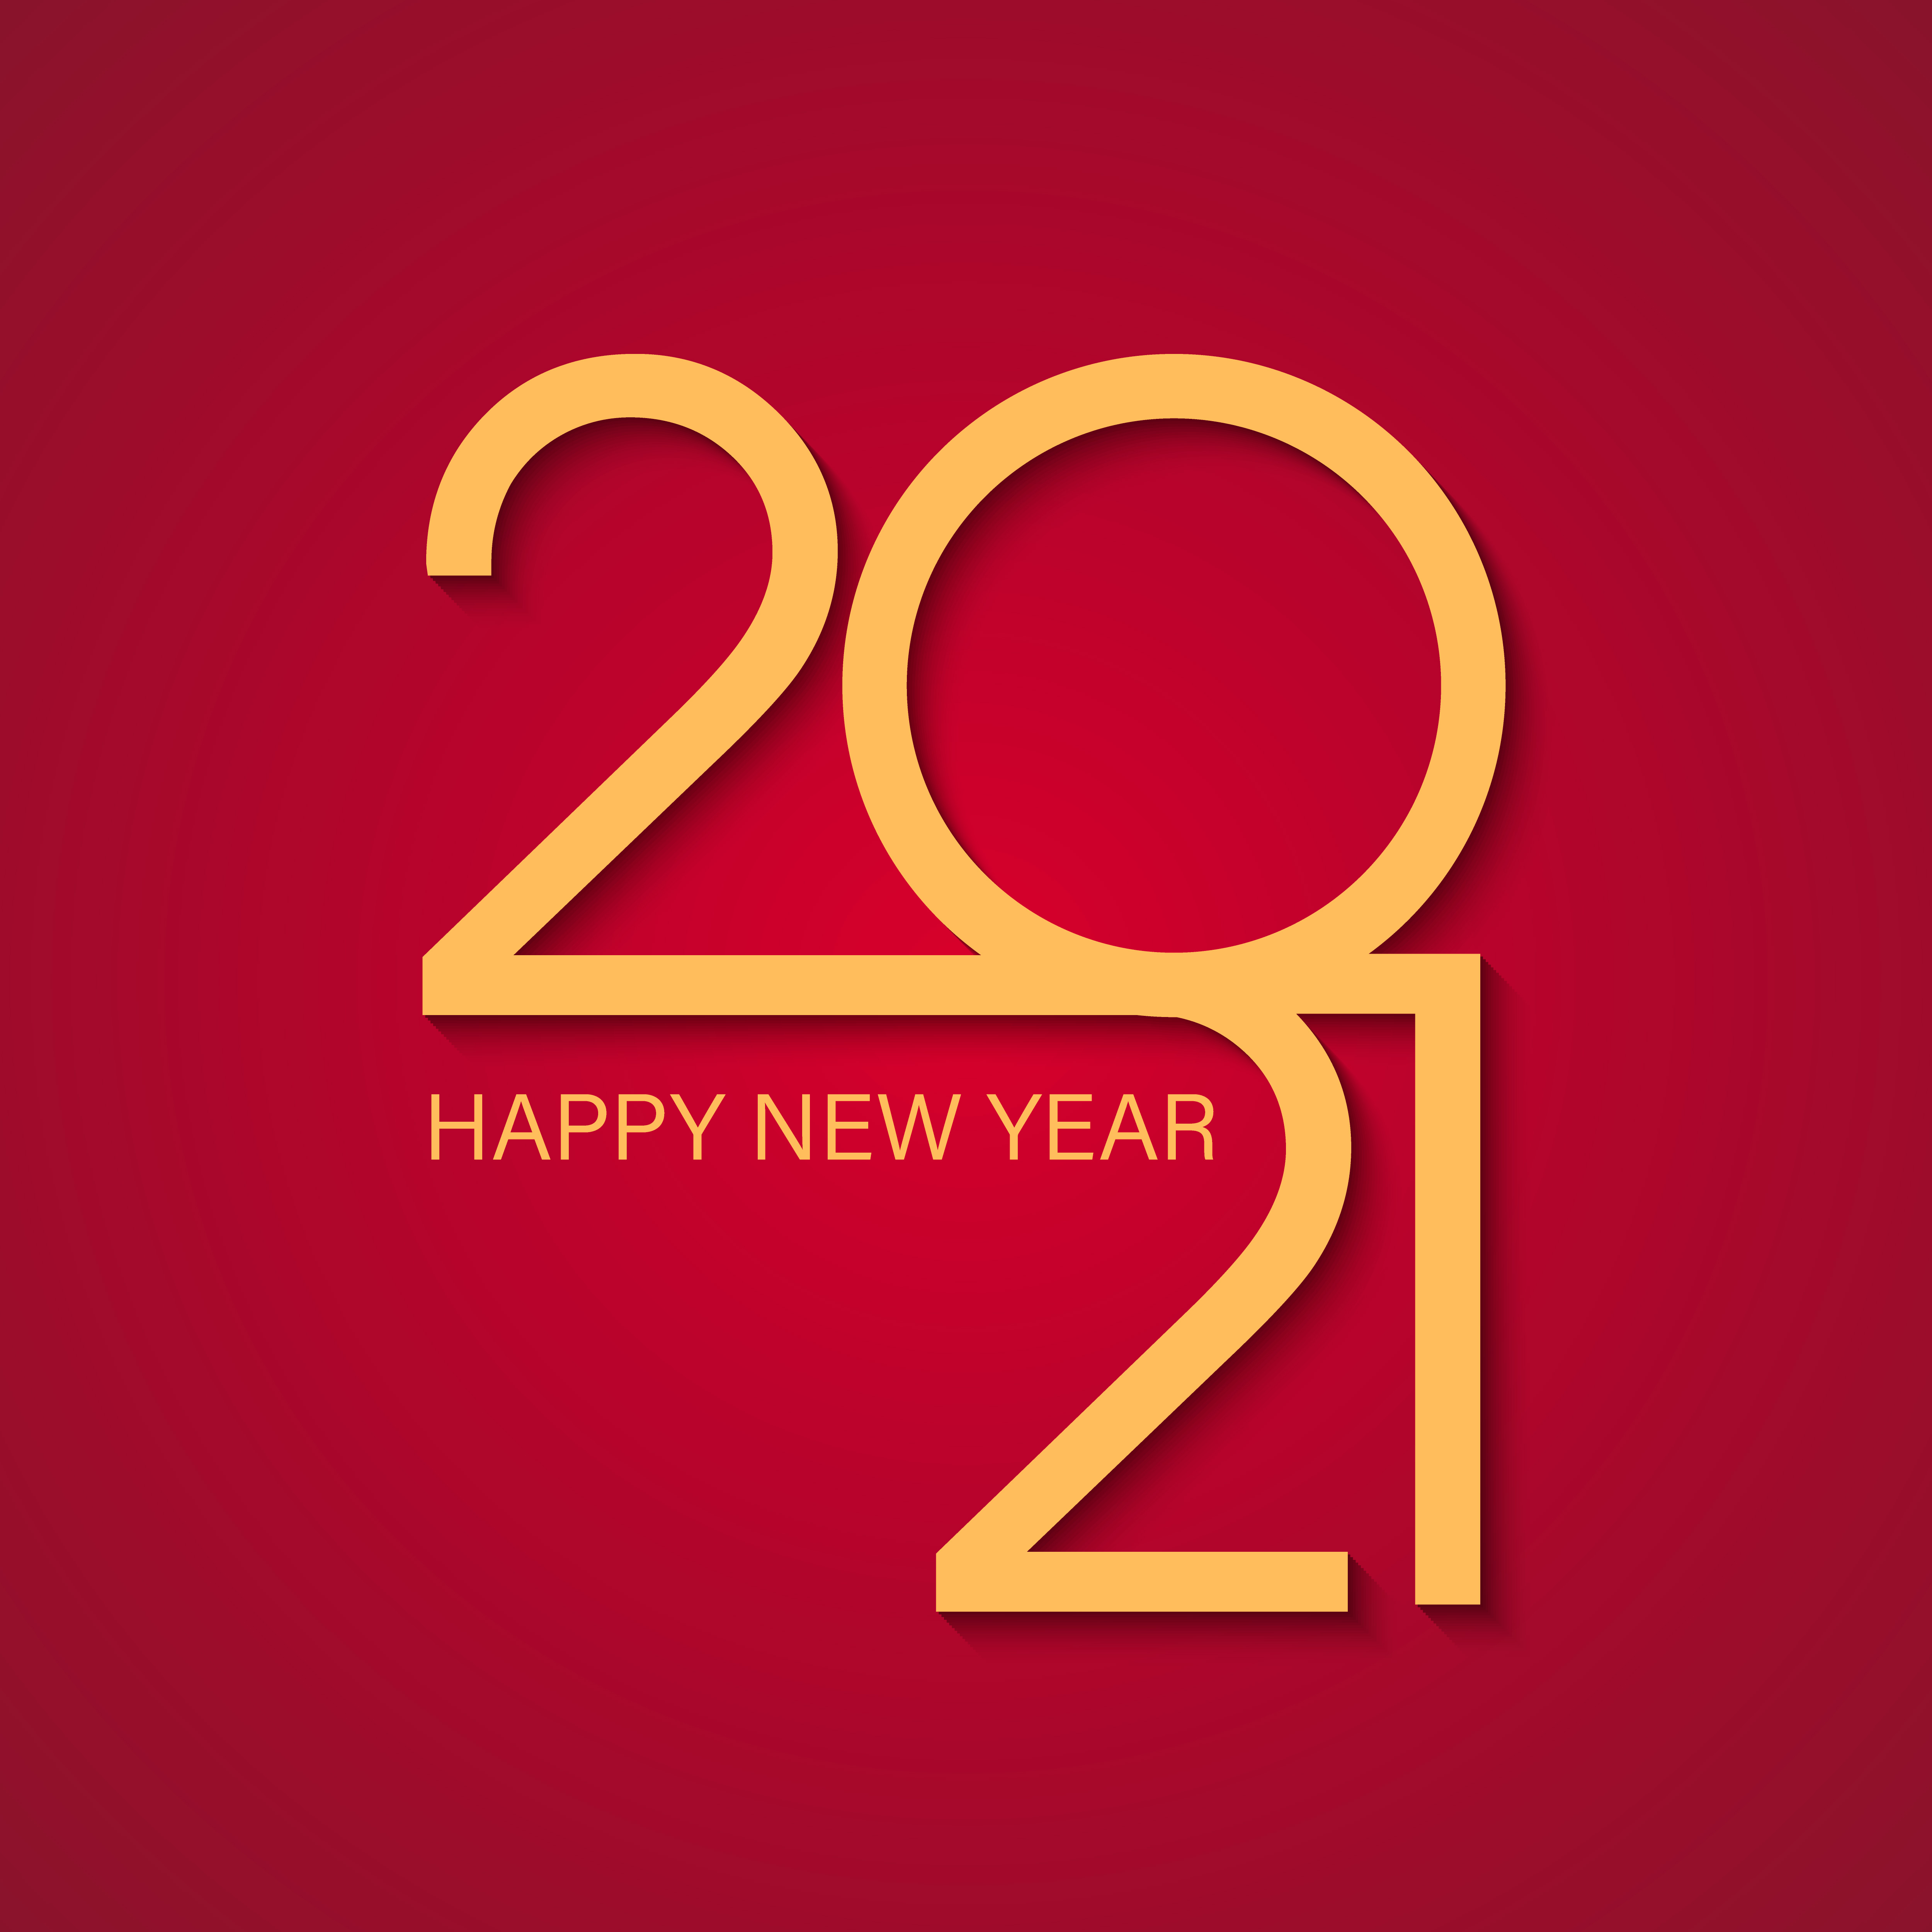 新年快樂圖 免費下載 | 天天瘋後製